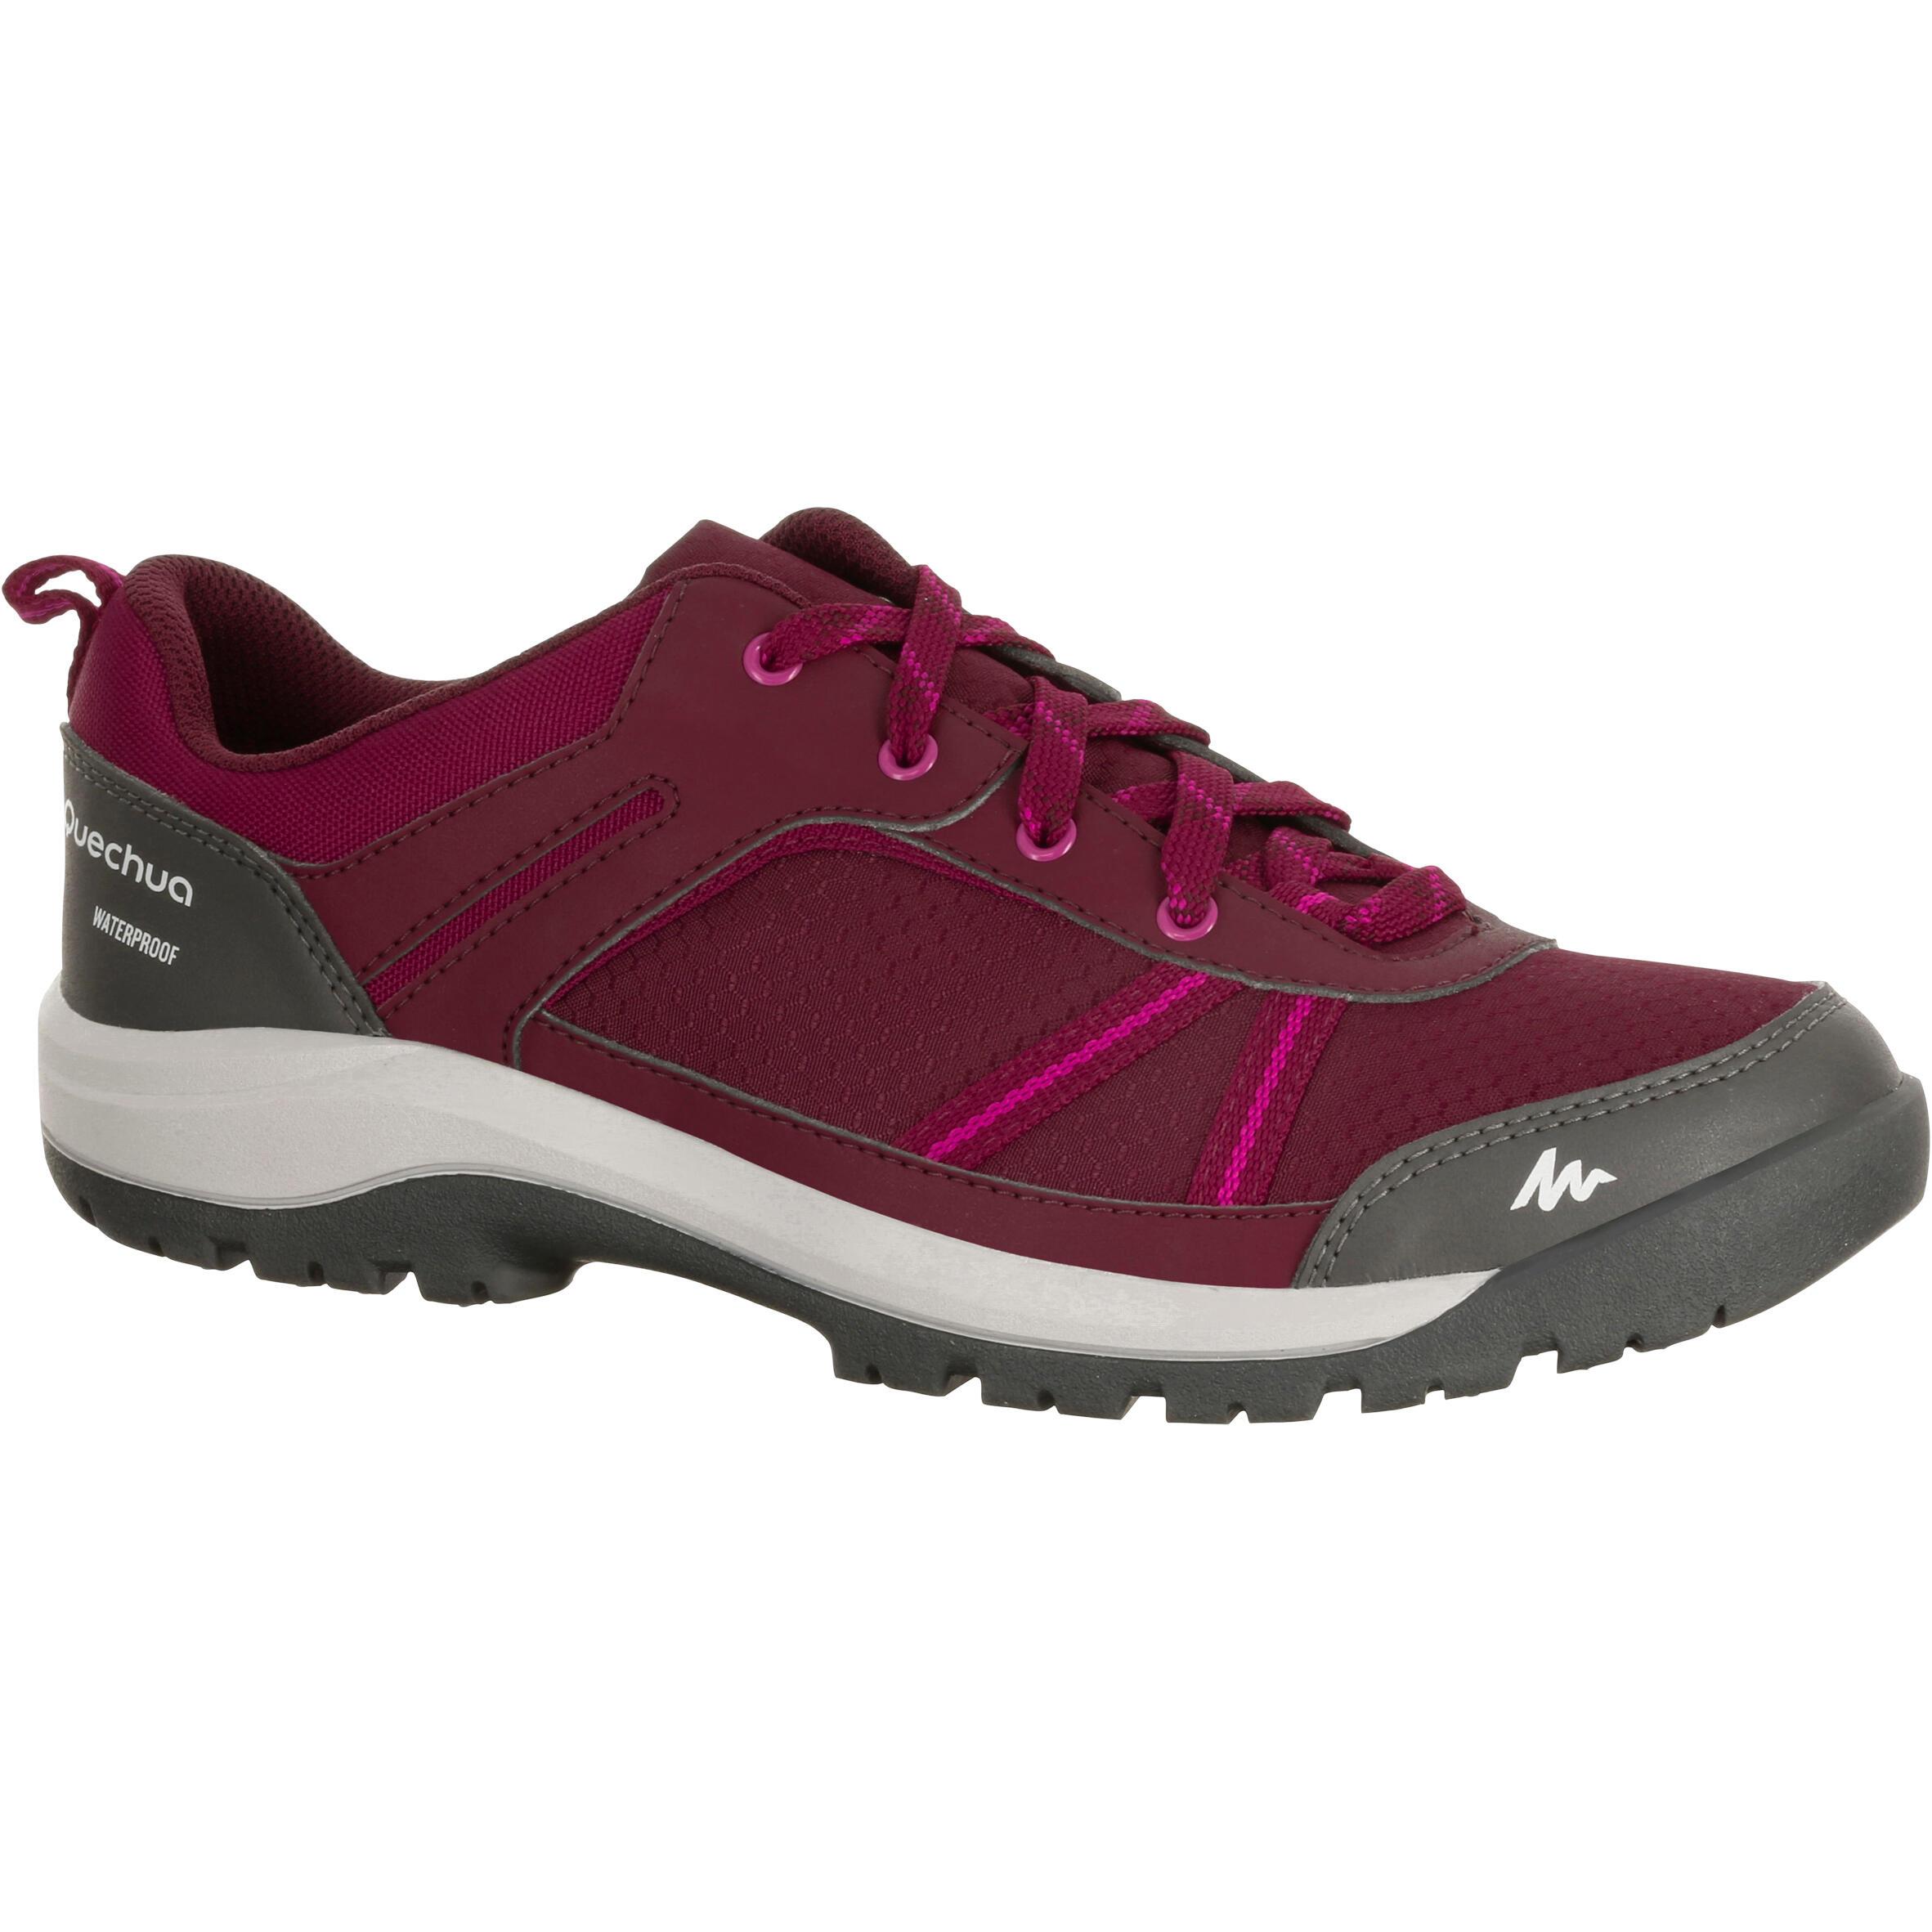 new product 12f7b 6c7d6 Comprar Botas y Zapatillas Impermeables de Mujer   Decathlon